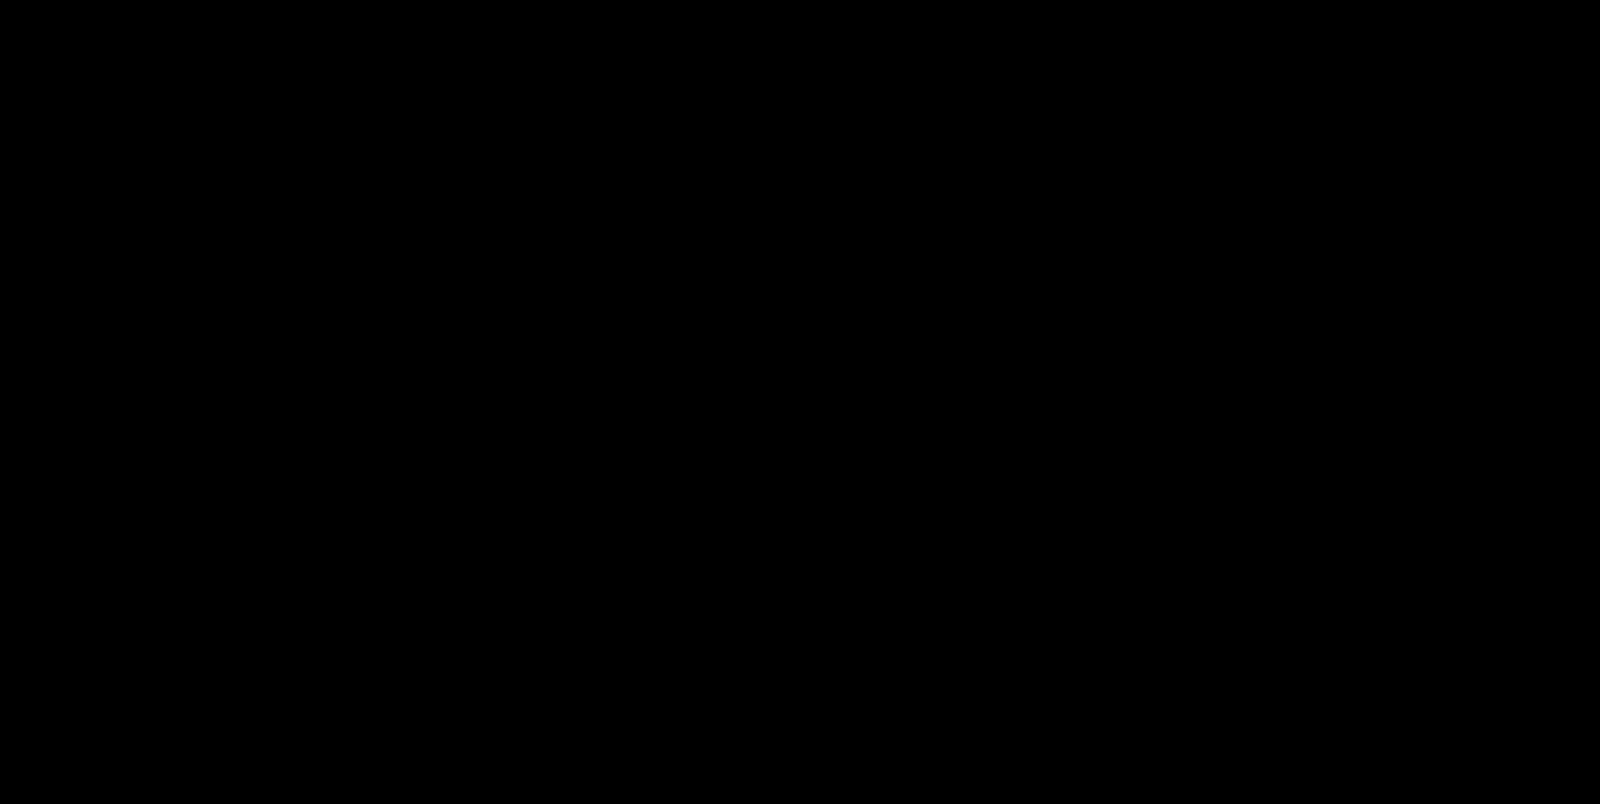 長渕剛の画像 p1_37